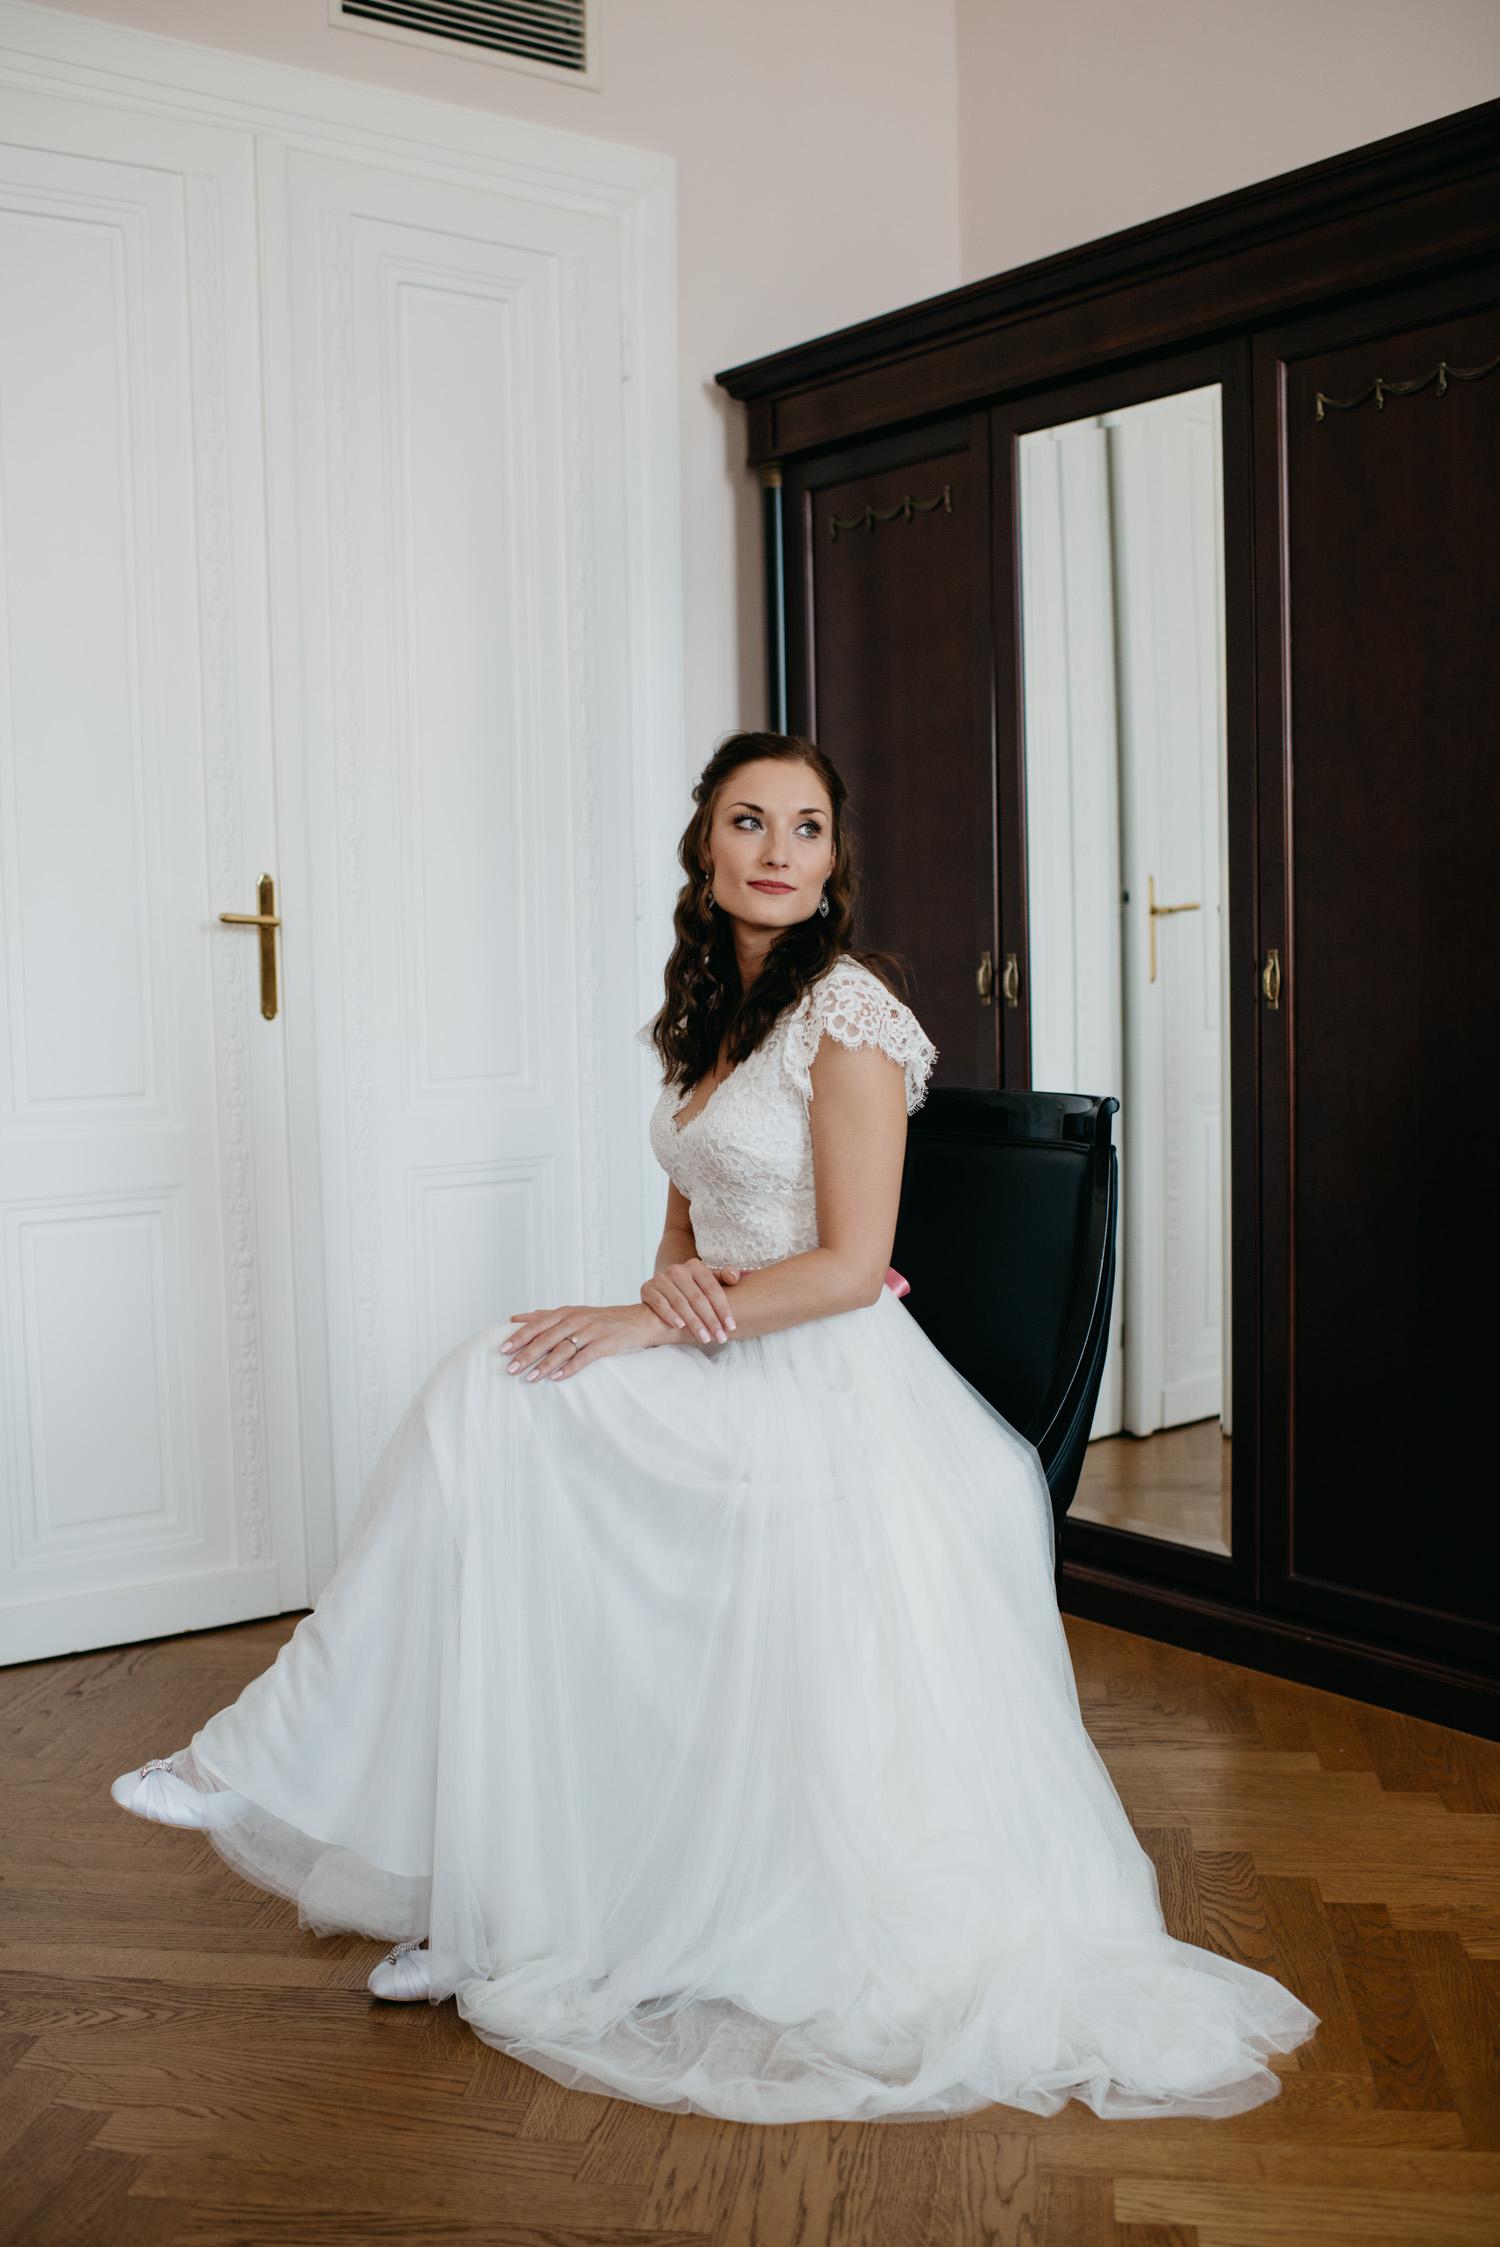 solya-mike-hochzeitsfotografin-hochzeitsfotografen-wien-hermesvilla-wedding-photographer-vienna-austria-69 Hochzeitstipps Teil 1 - Das Getting Ready